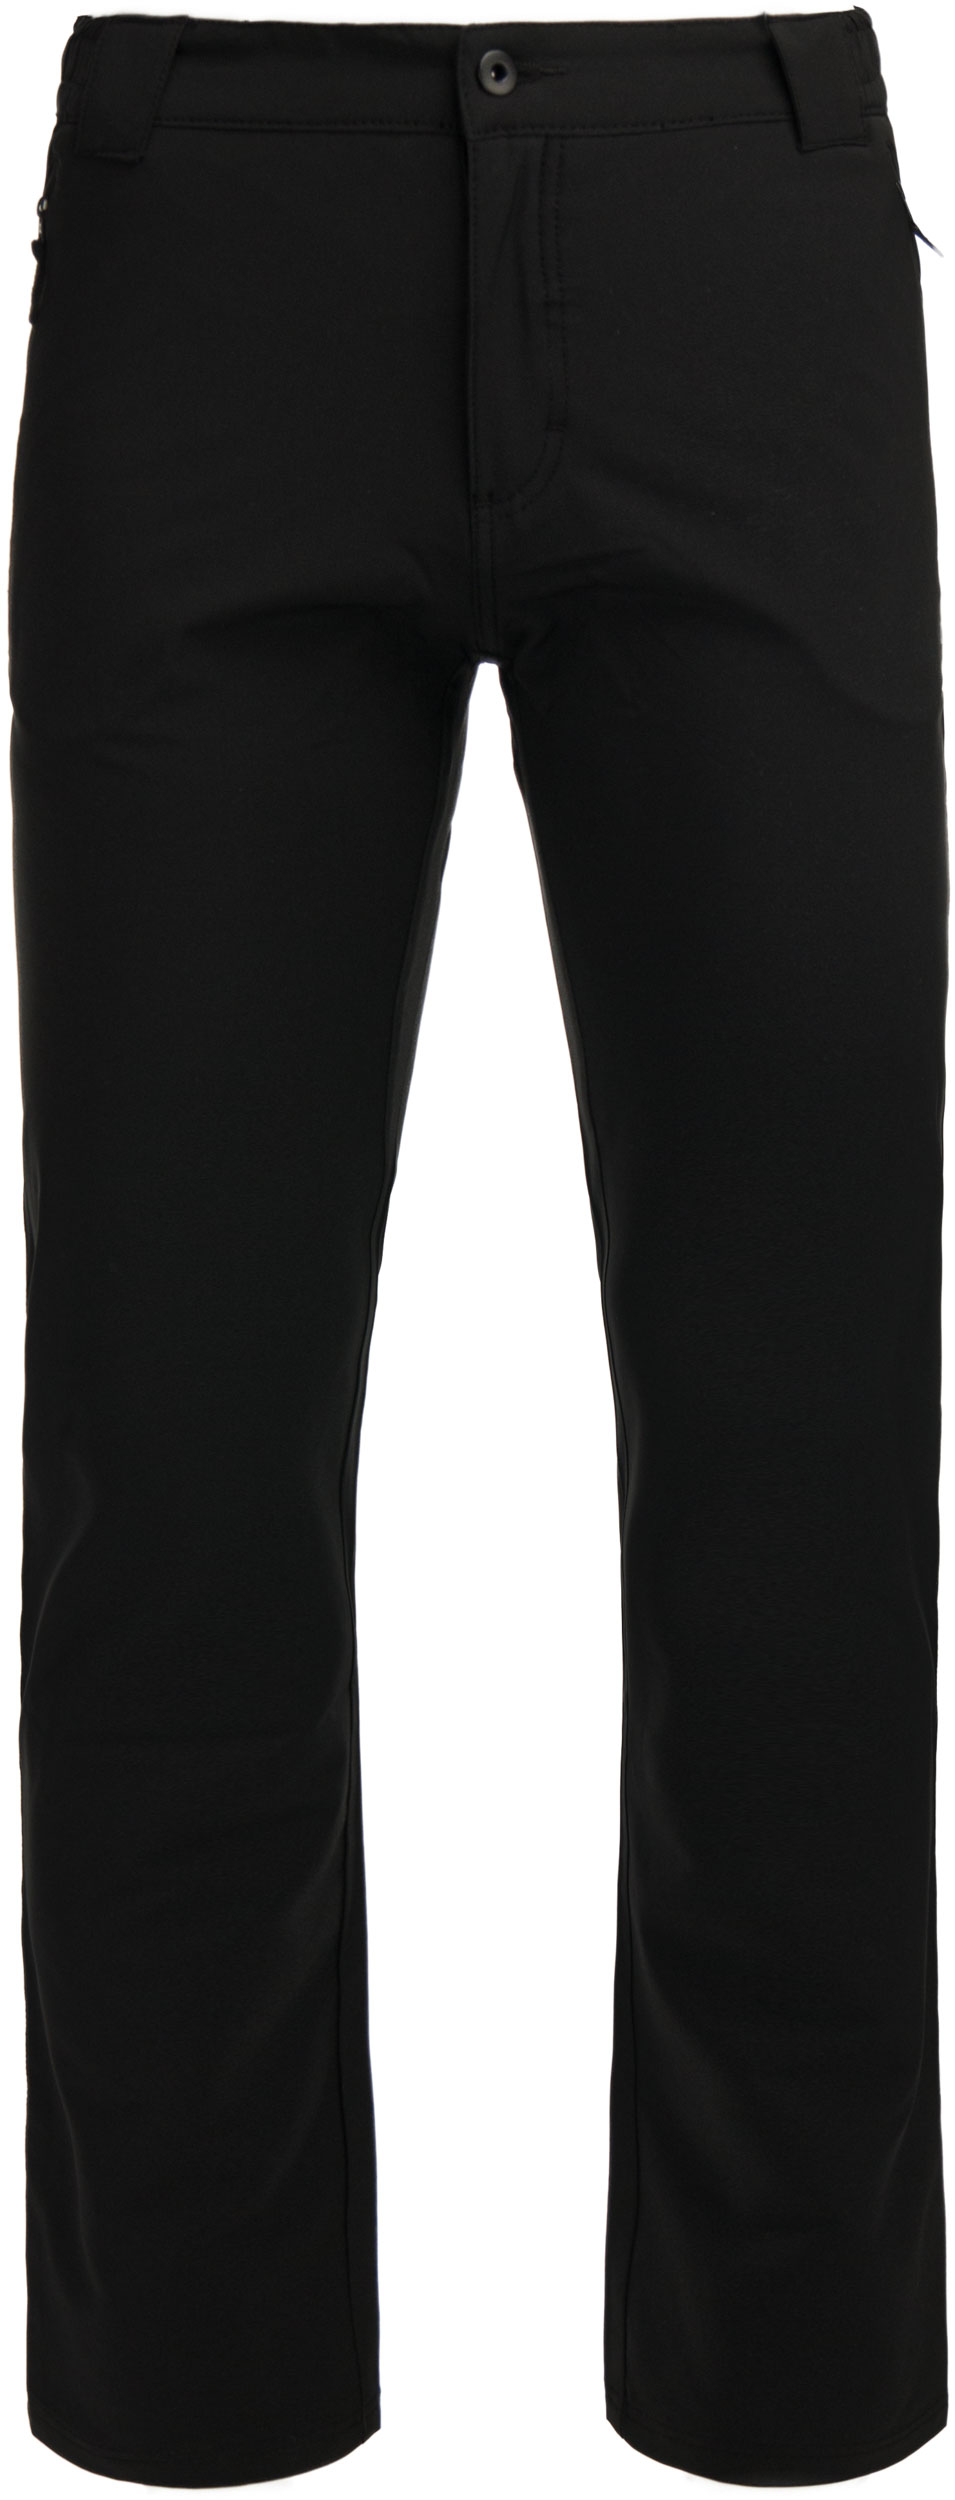 Pánské softshellové kalhoty ALPINE PRO HEIRUN